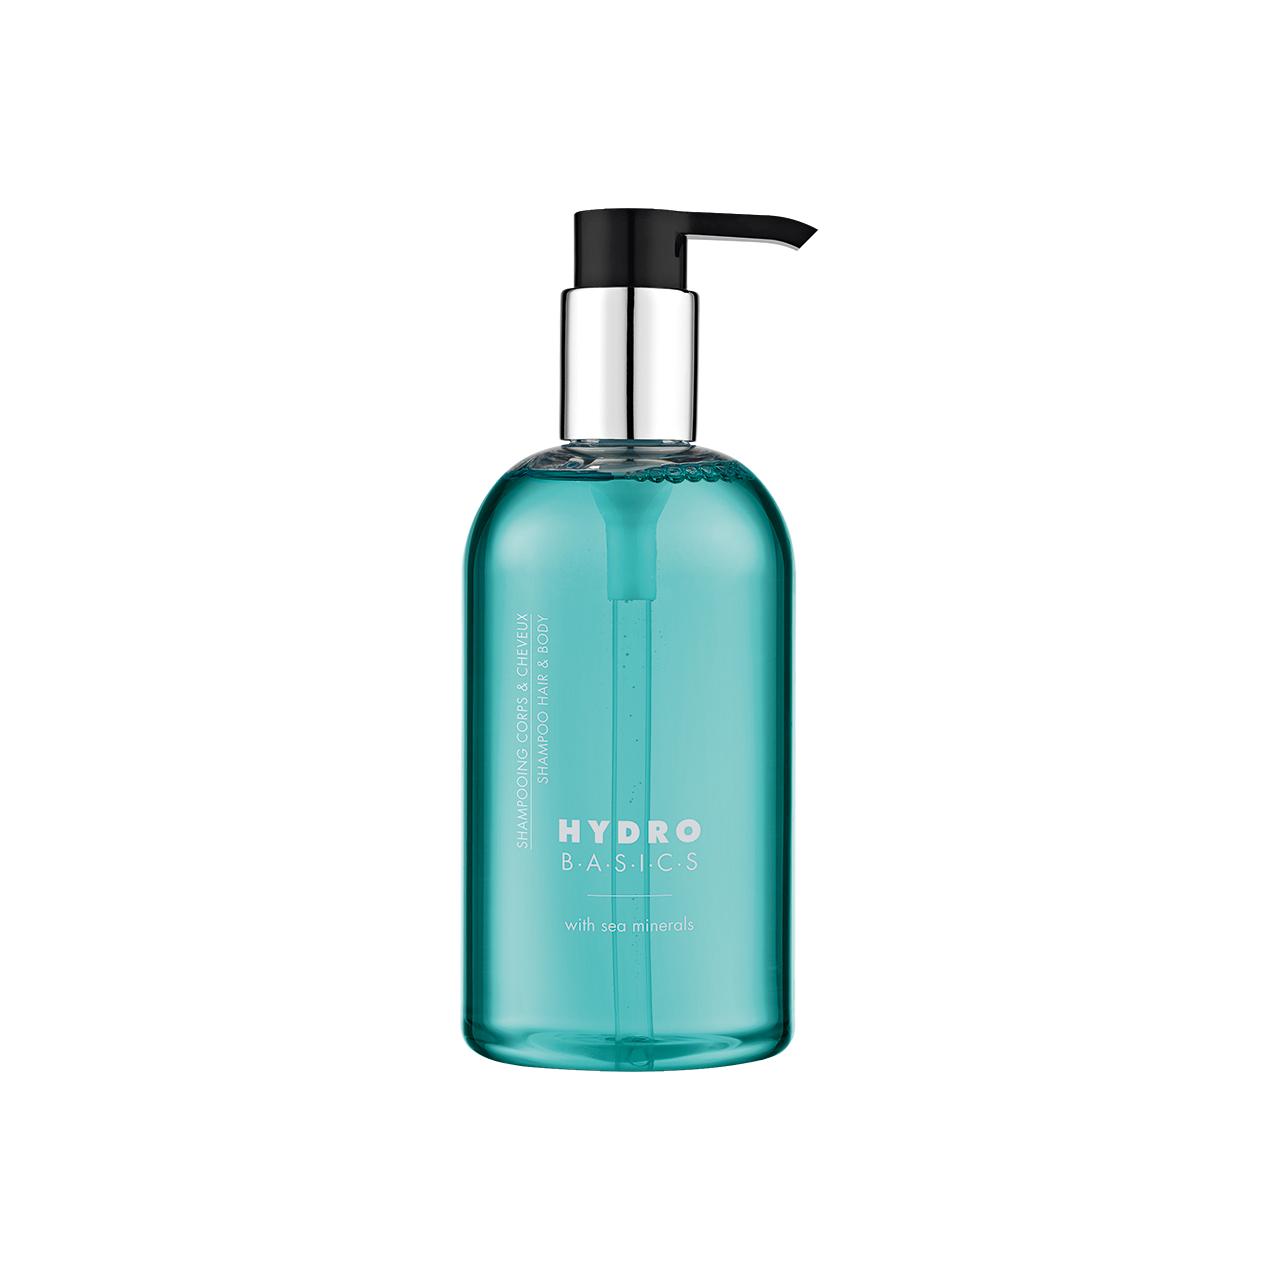 HYDRO BASICS - Haar- und Bodyshampoo im Pumpspender, 300 ml